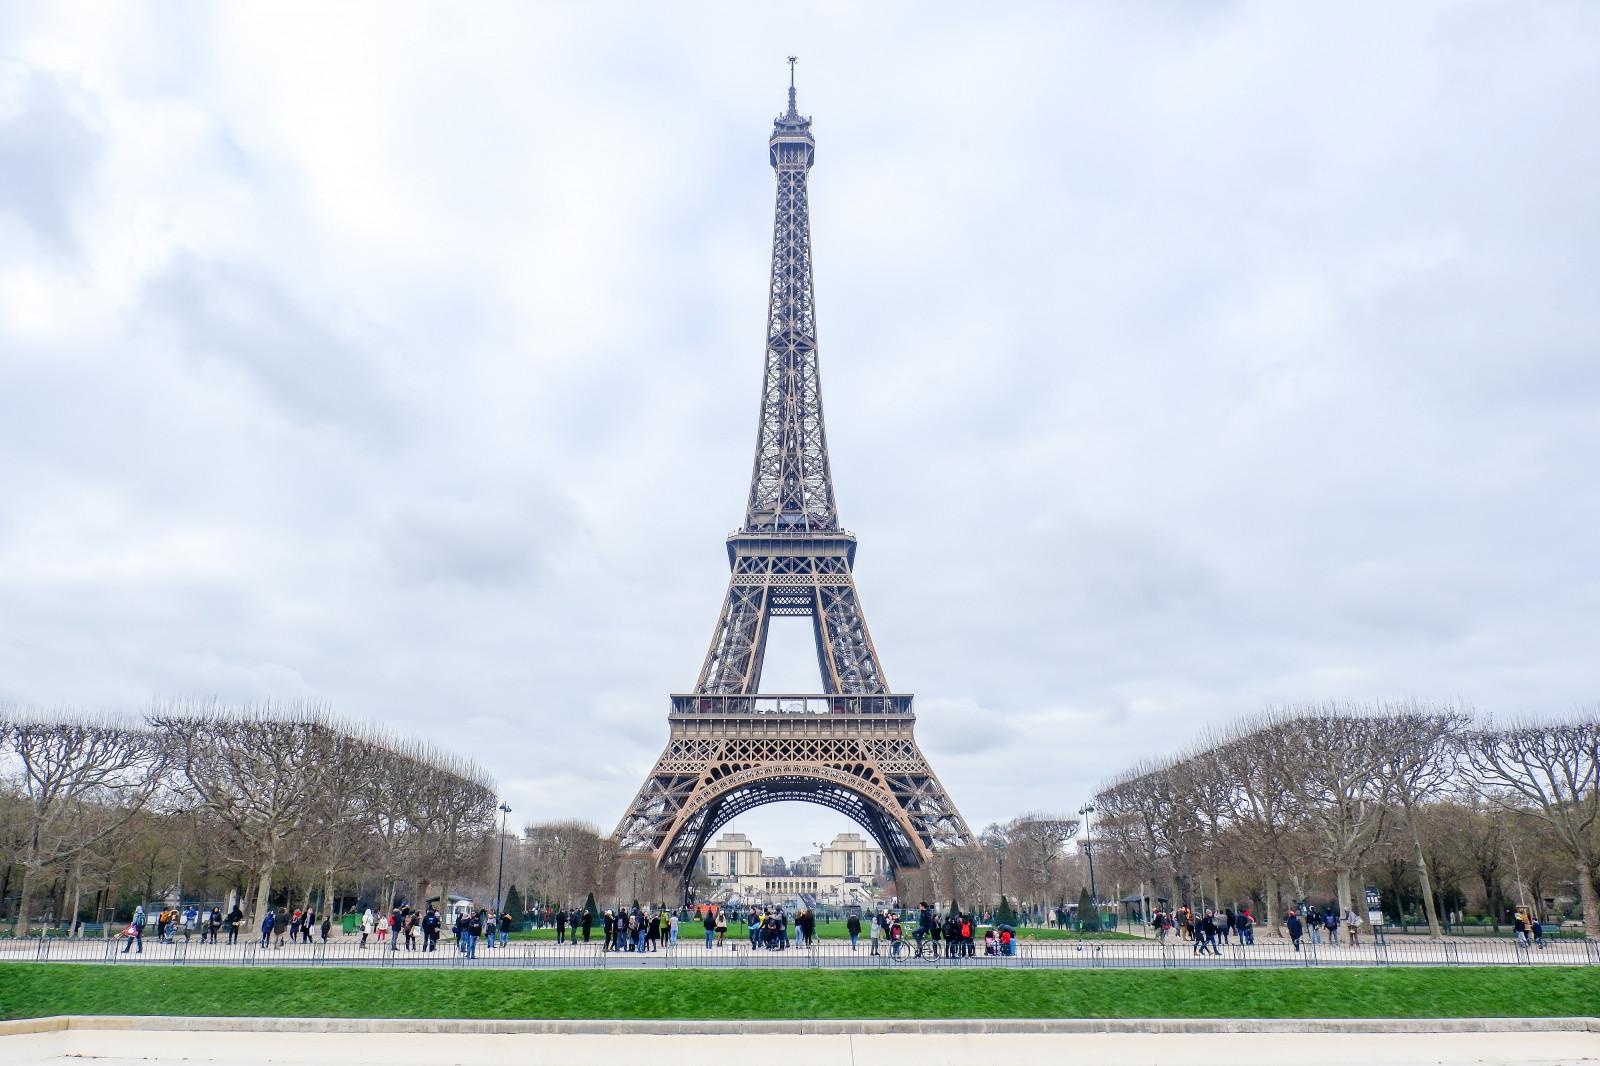 デスクトップ壁紙 Tour Eiffel エッフェル塔 フランス パリ 4000x2667 Chatchavarnjirathanakorn 1638607 デスクトップ壁紙 Wallhere